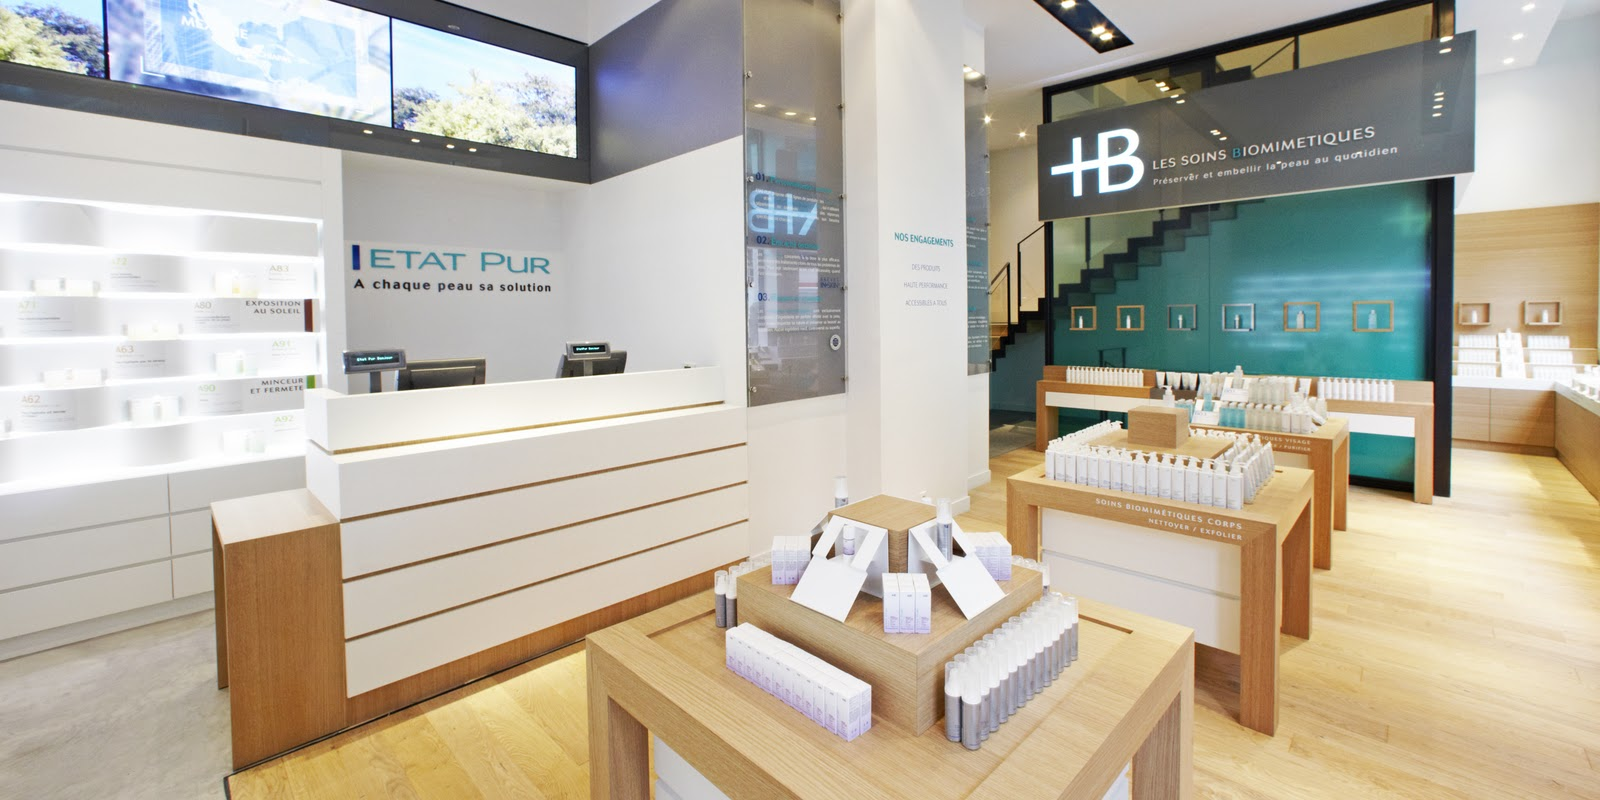 etat-pur-concept-store-24-rue-du-regard-paris